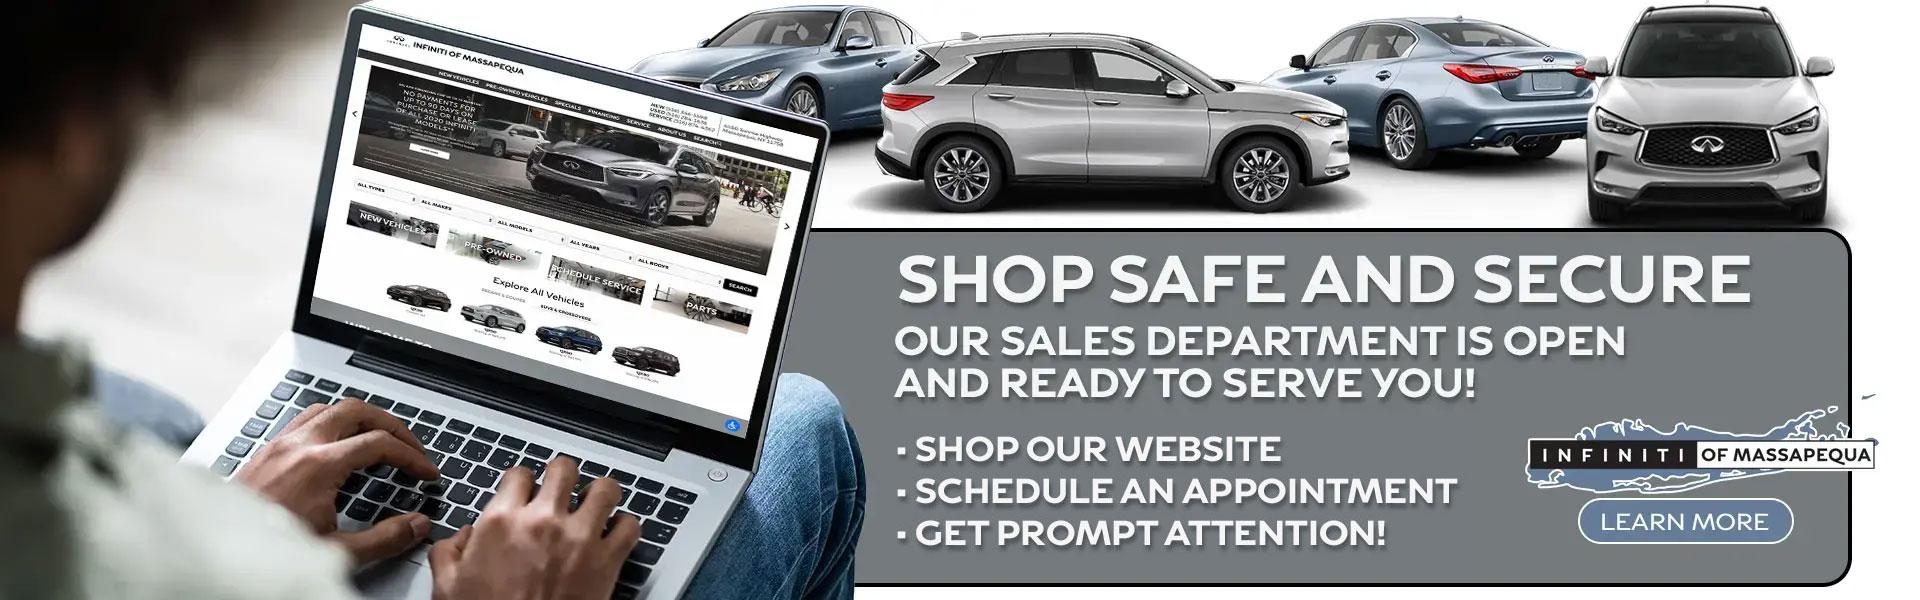 Shop Safe and Secure